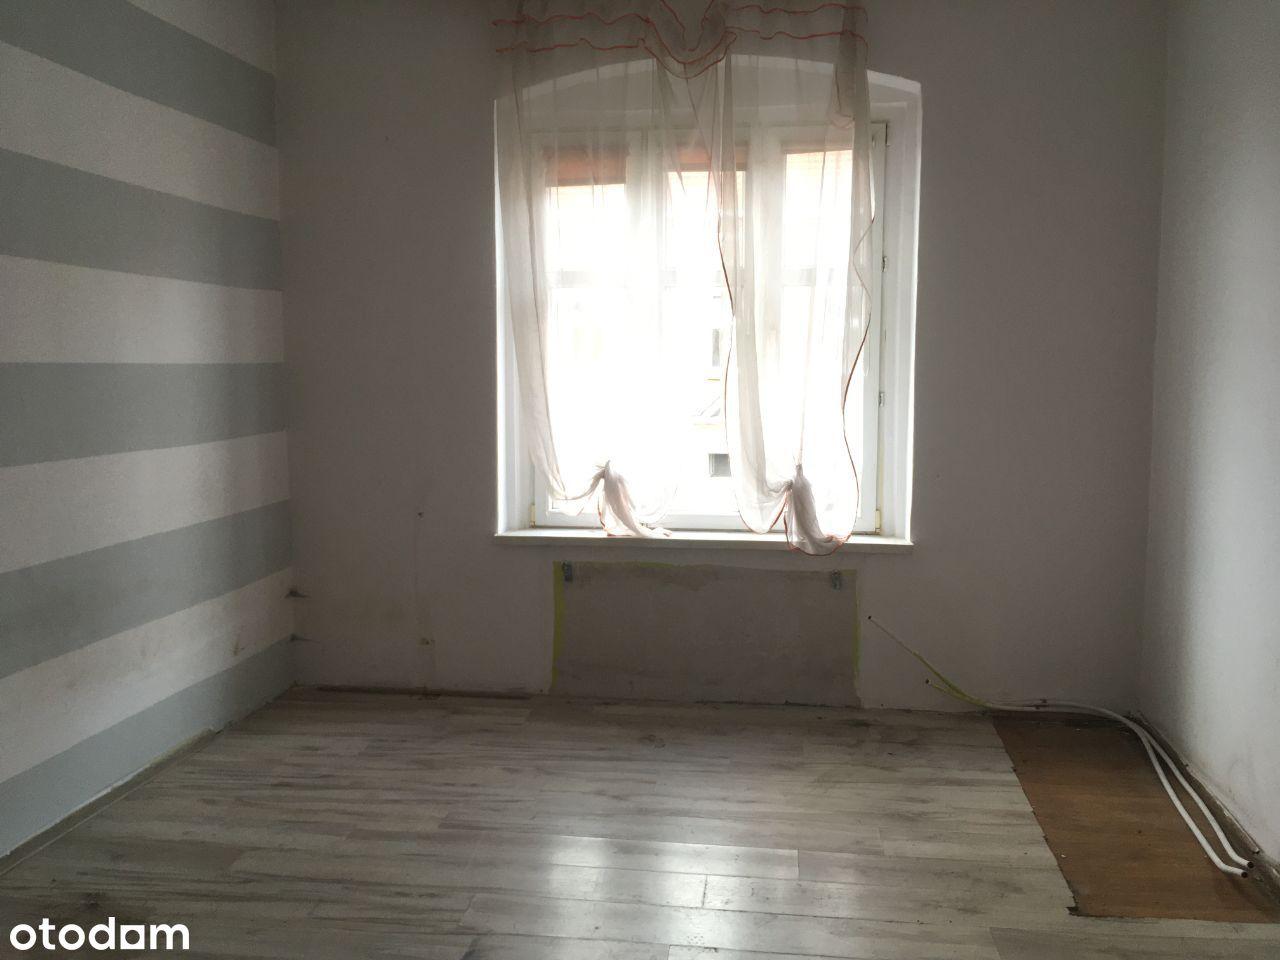 NOWA CENA przestronne 3pok mieszkanie